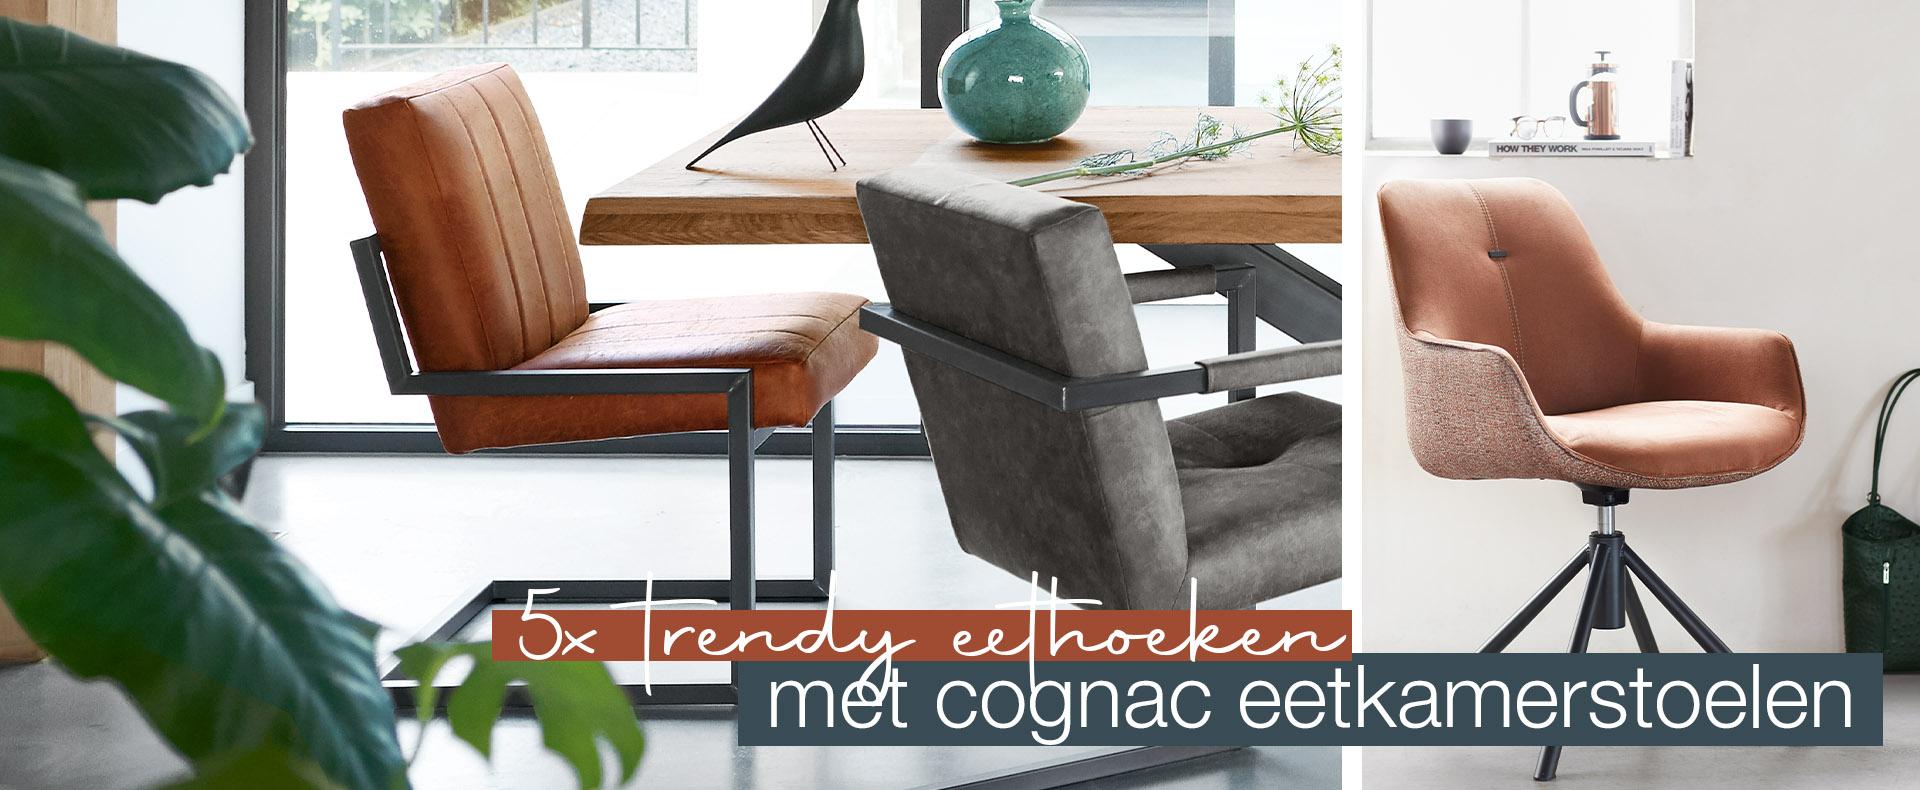 5x trendy eethoeken met cognac eetkamerstoelen